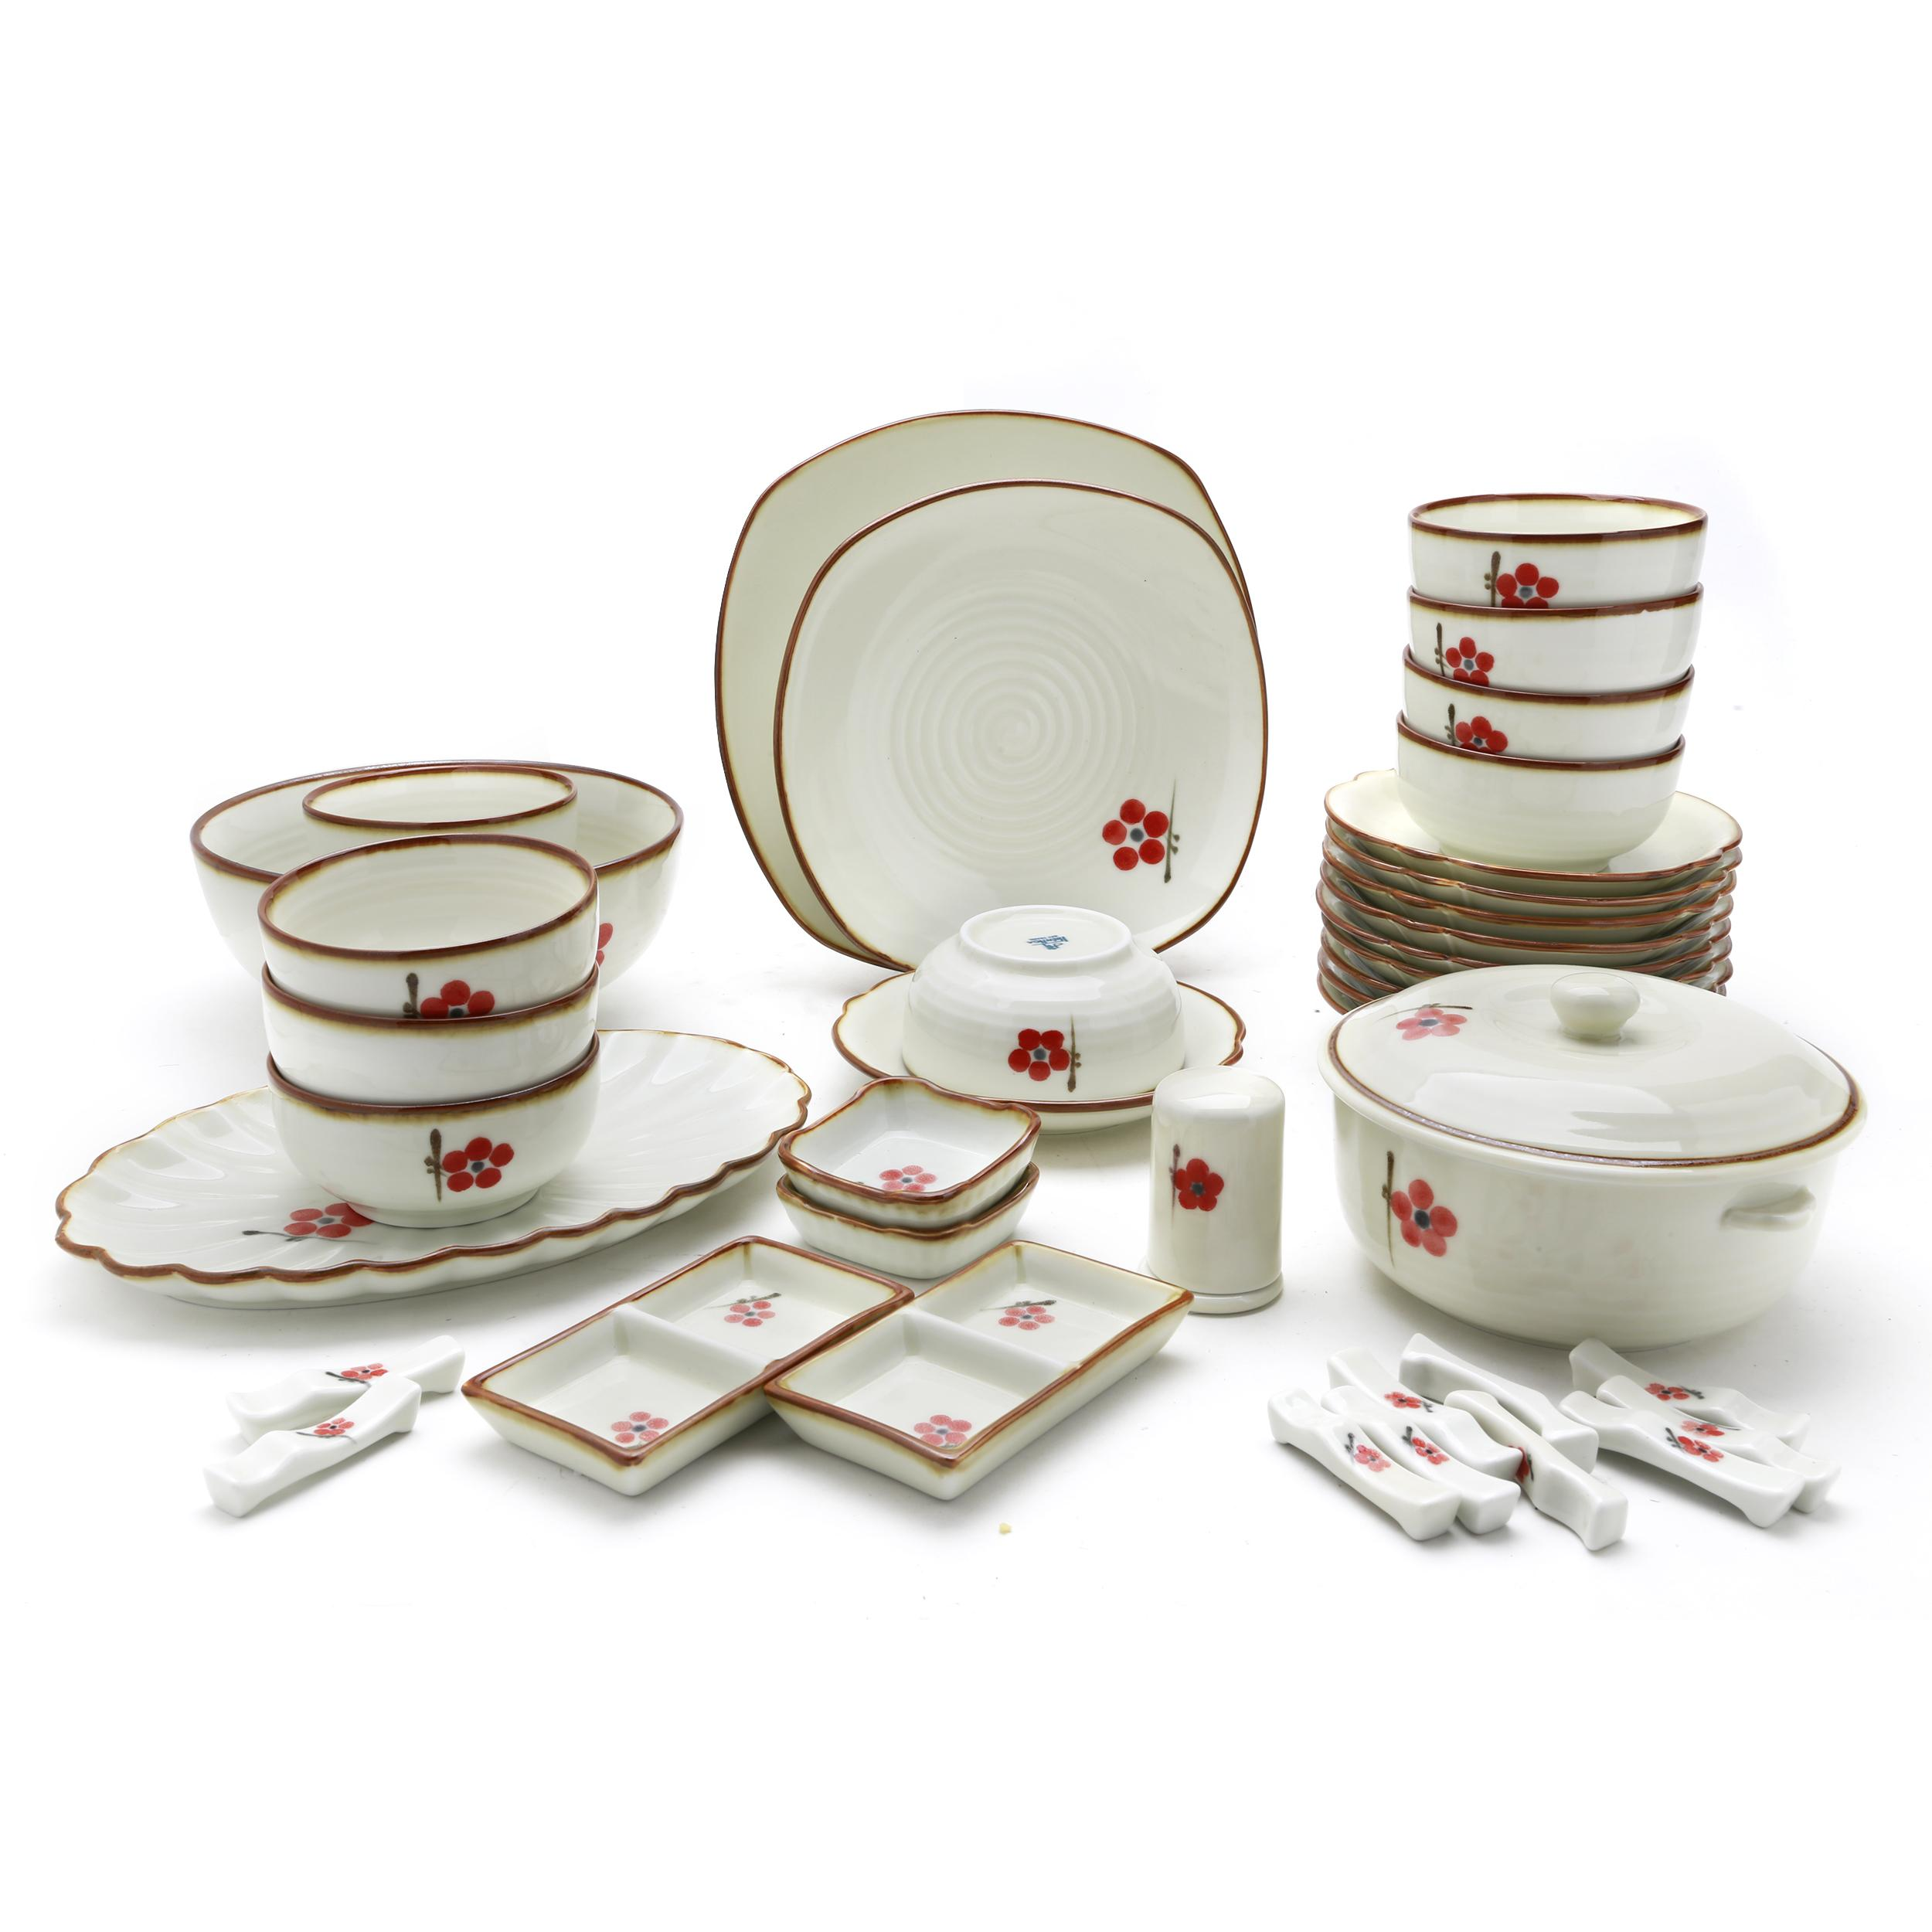 Bộ chén dĩa bàn ăn (tô chén đĩa)  men trắng kem vẽ hoa đào đỏ 6 người MNV-BBA01-7